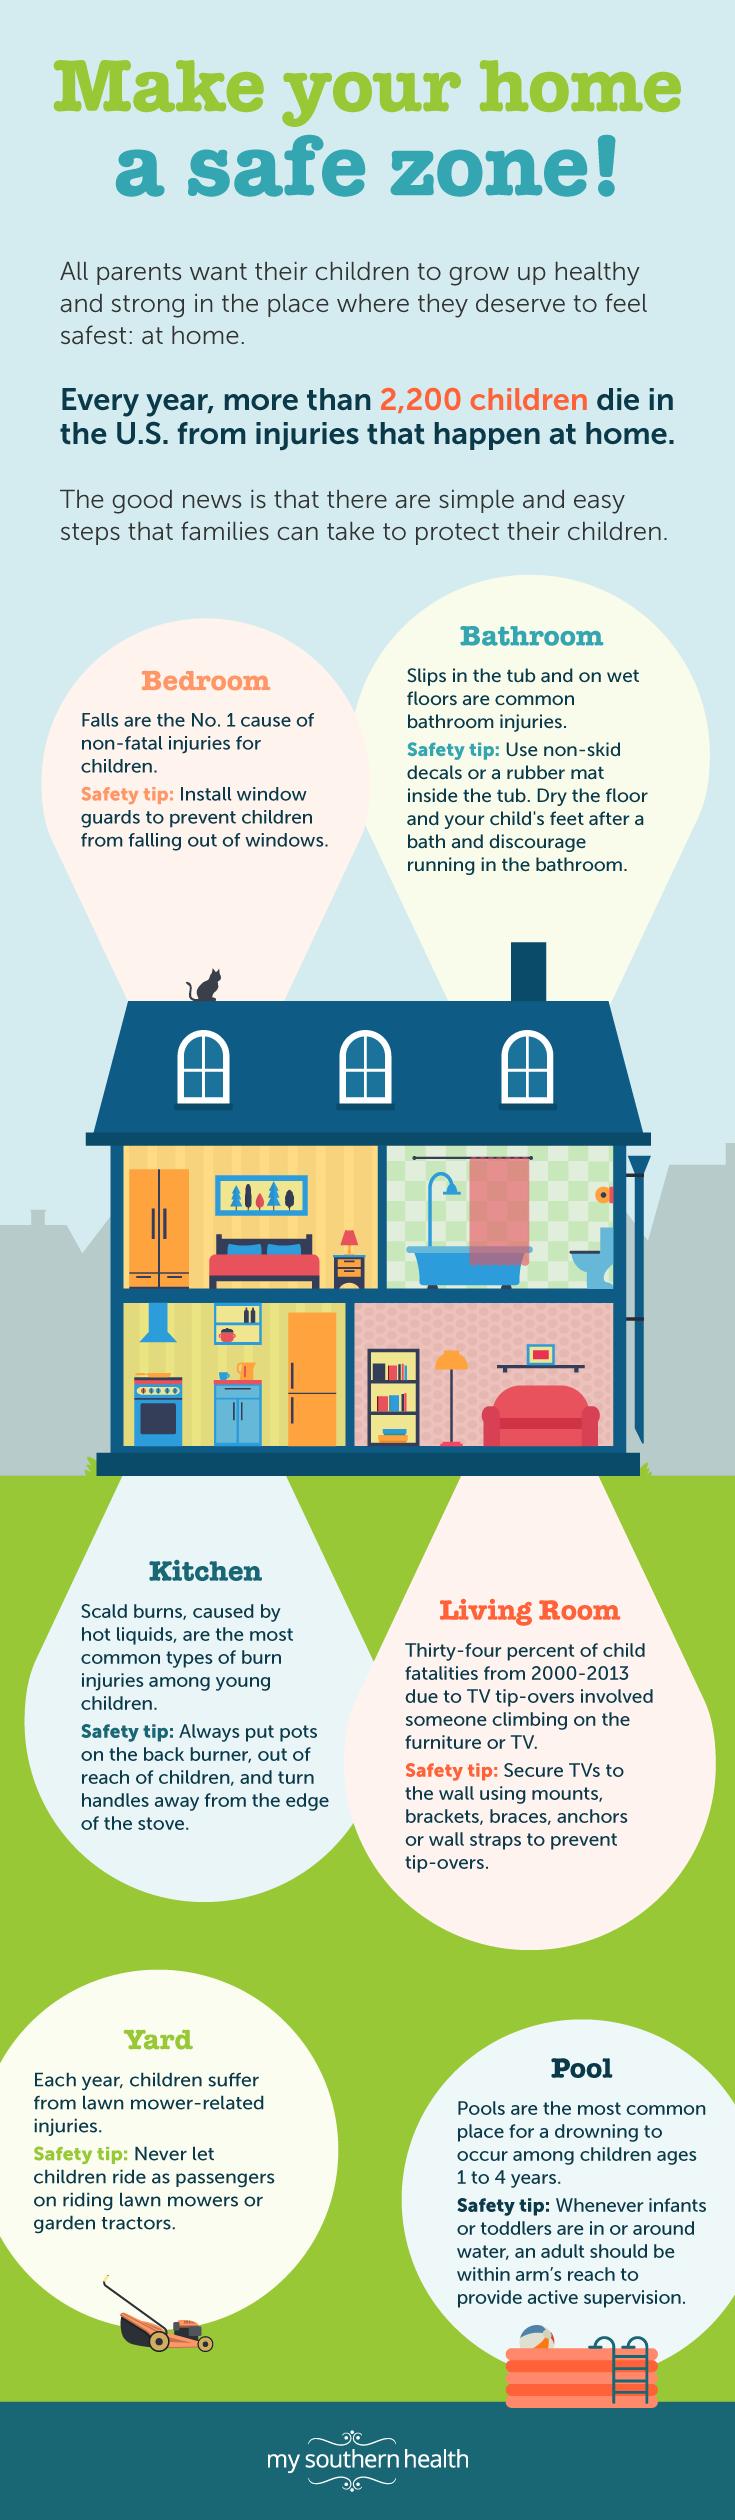 Infographic_MSH-Home-Safety-IG-MK-V6